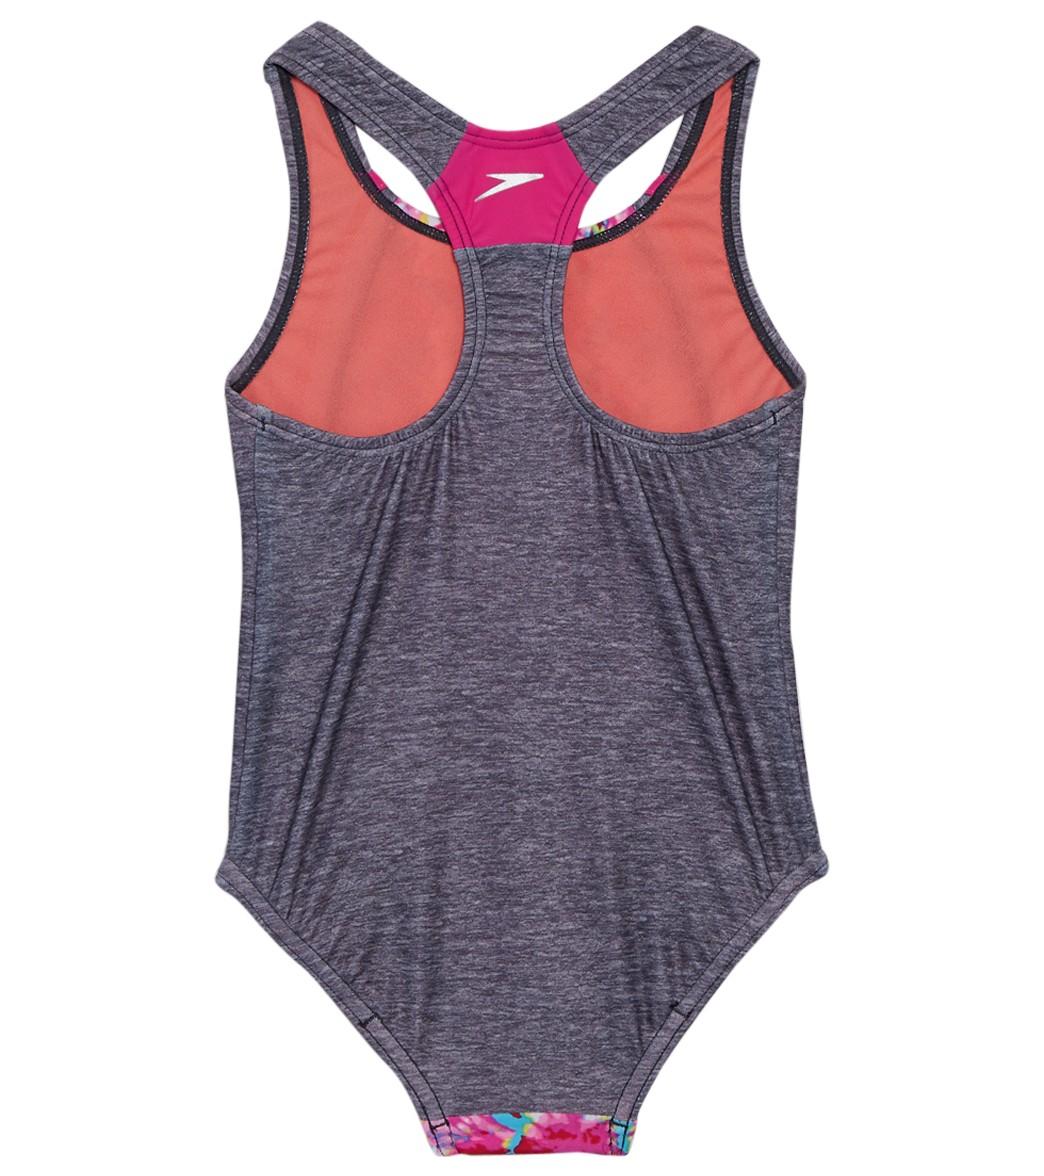 7f2dca1d13c Speedo Girls' Tie Dye Sky Sport Splice One Piece Swimsuit (4-6X) at  SwimOutlet.com